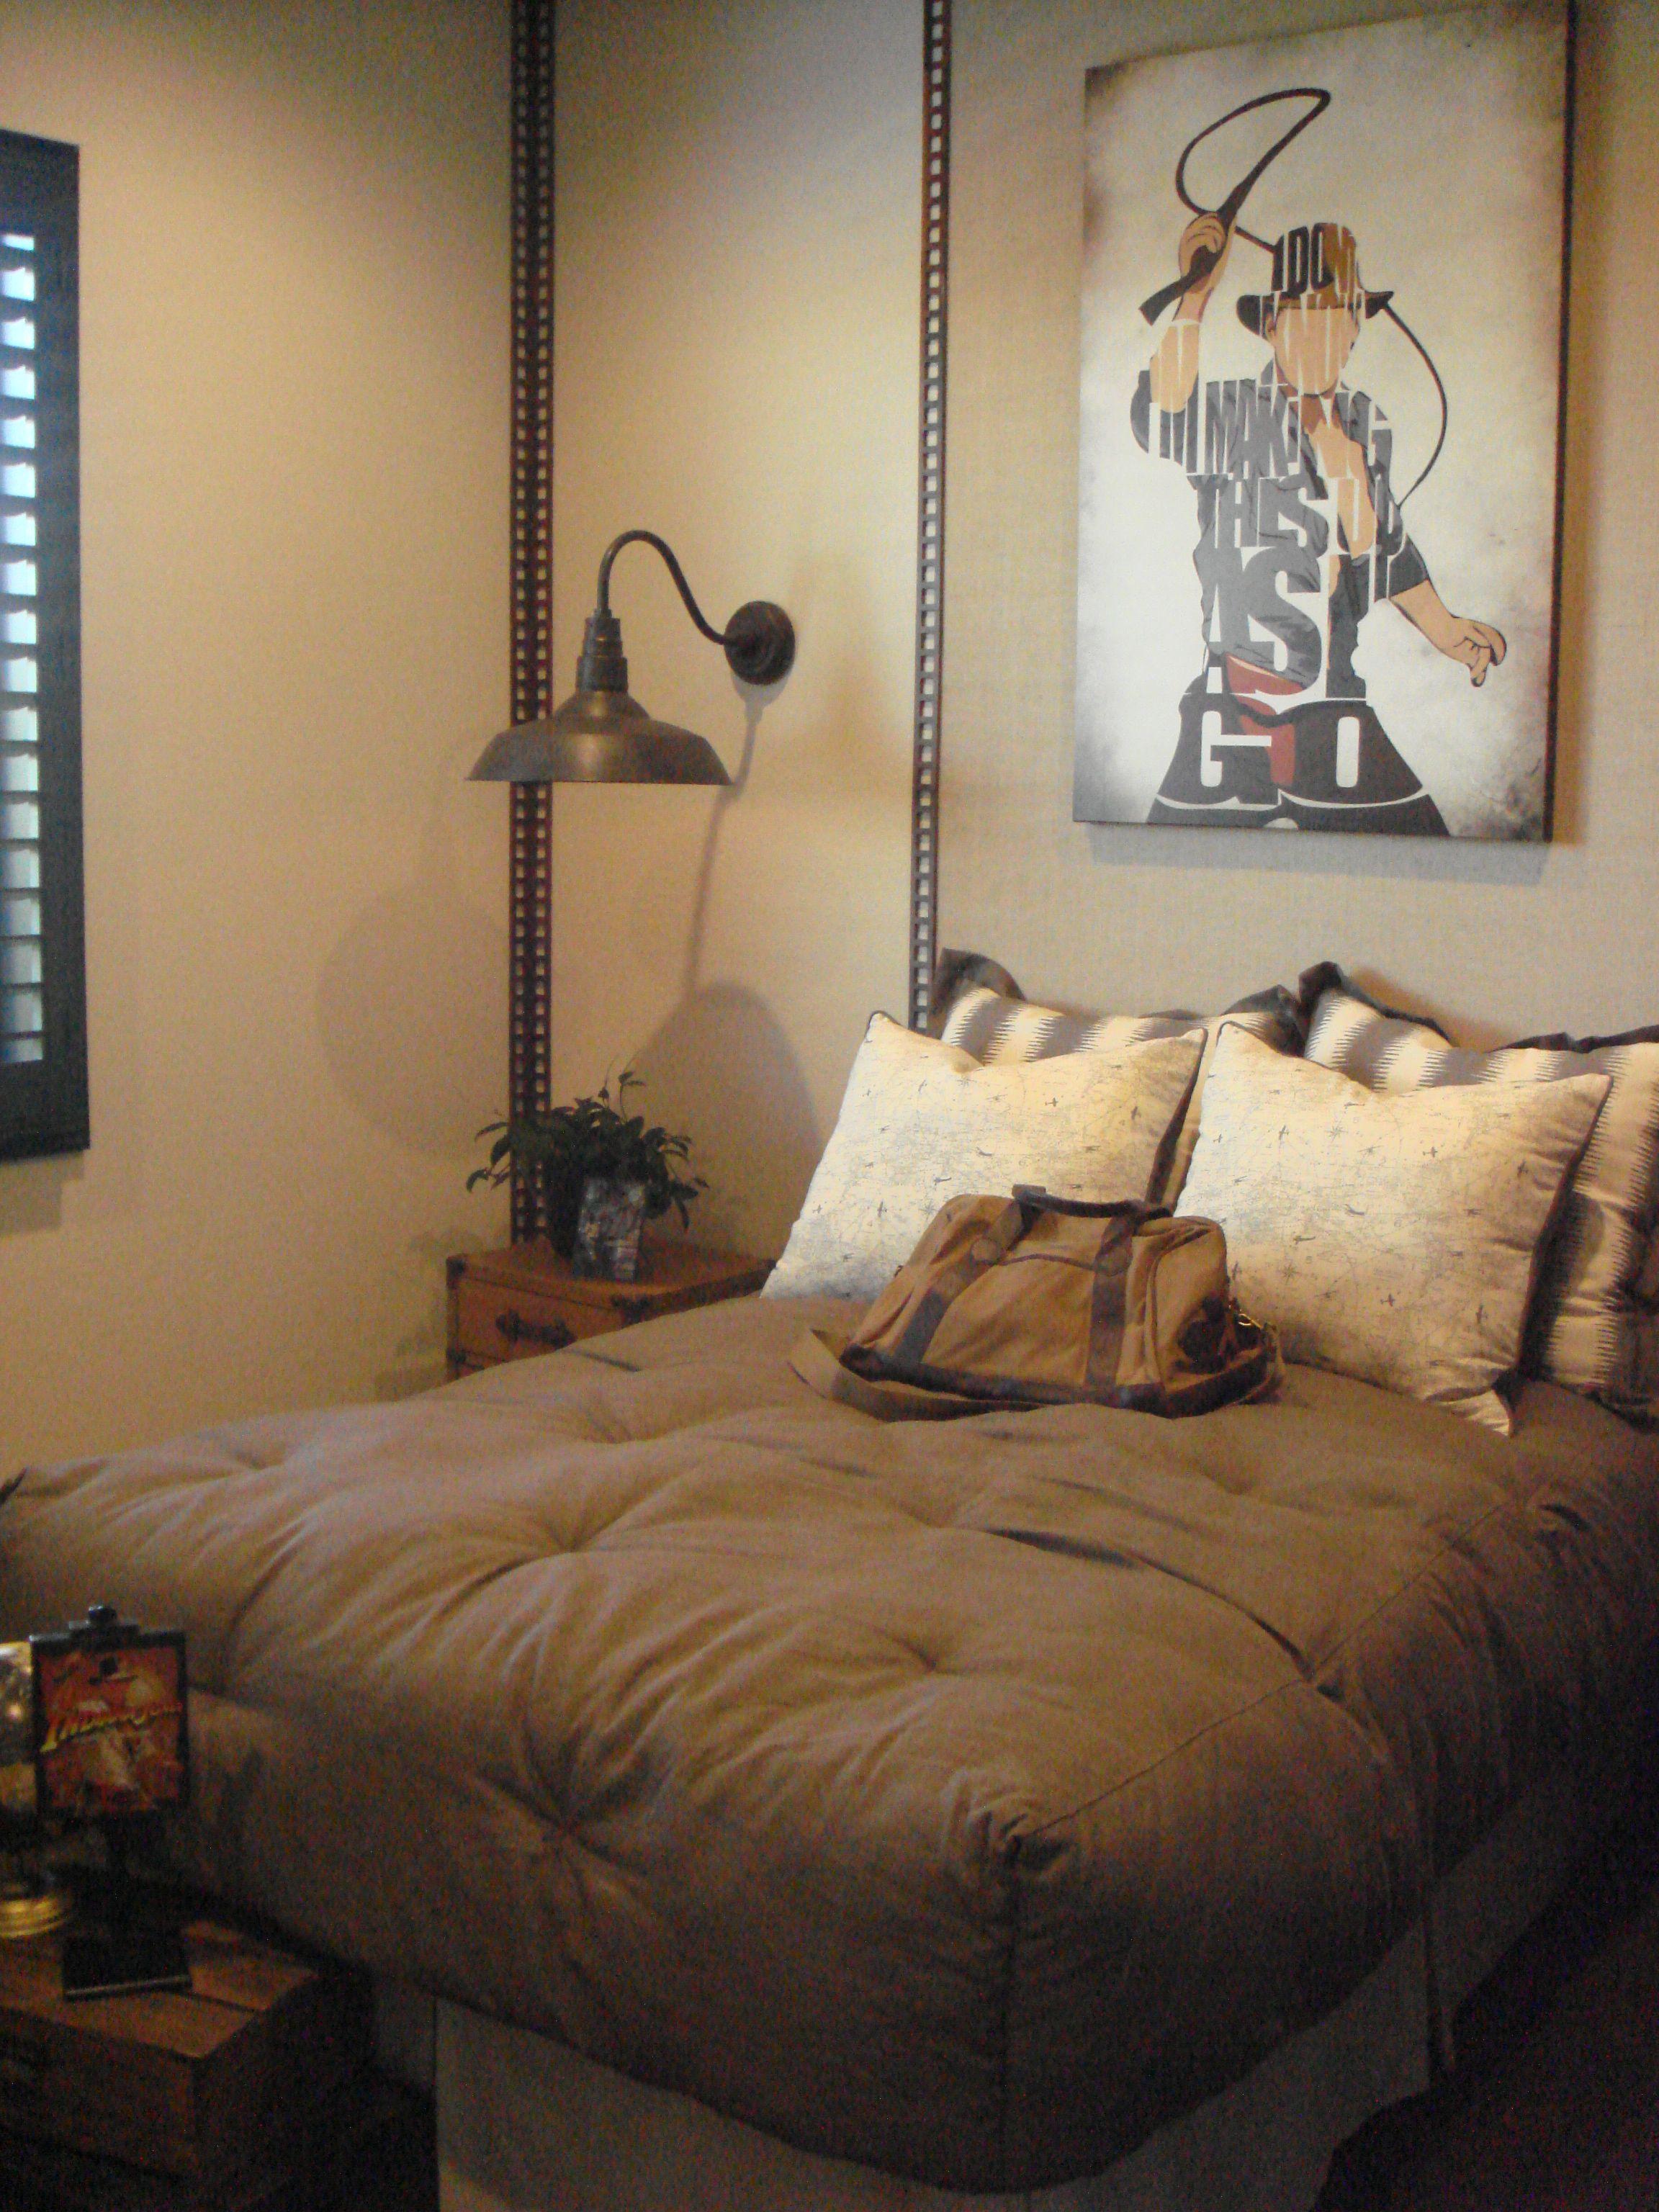 Indiana Jones Themed Bedroom Indiana Jones Room Future Bedroom